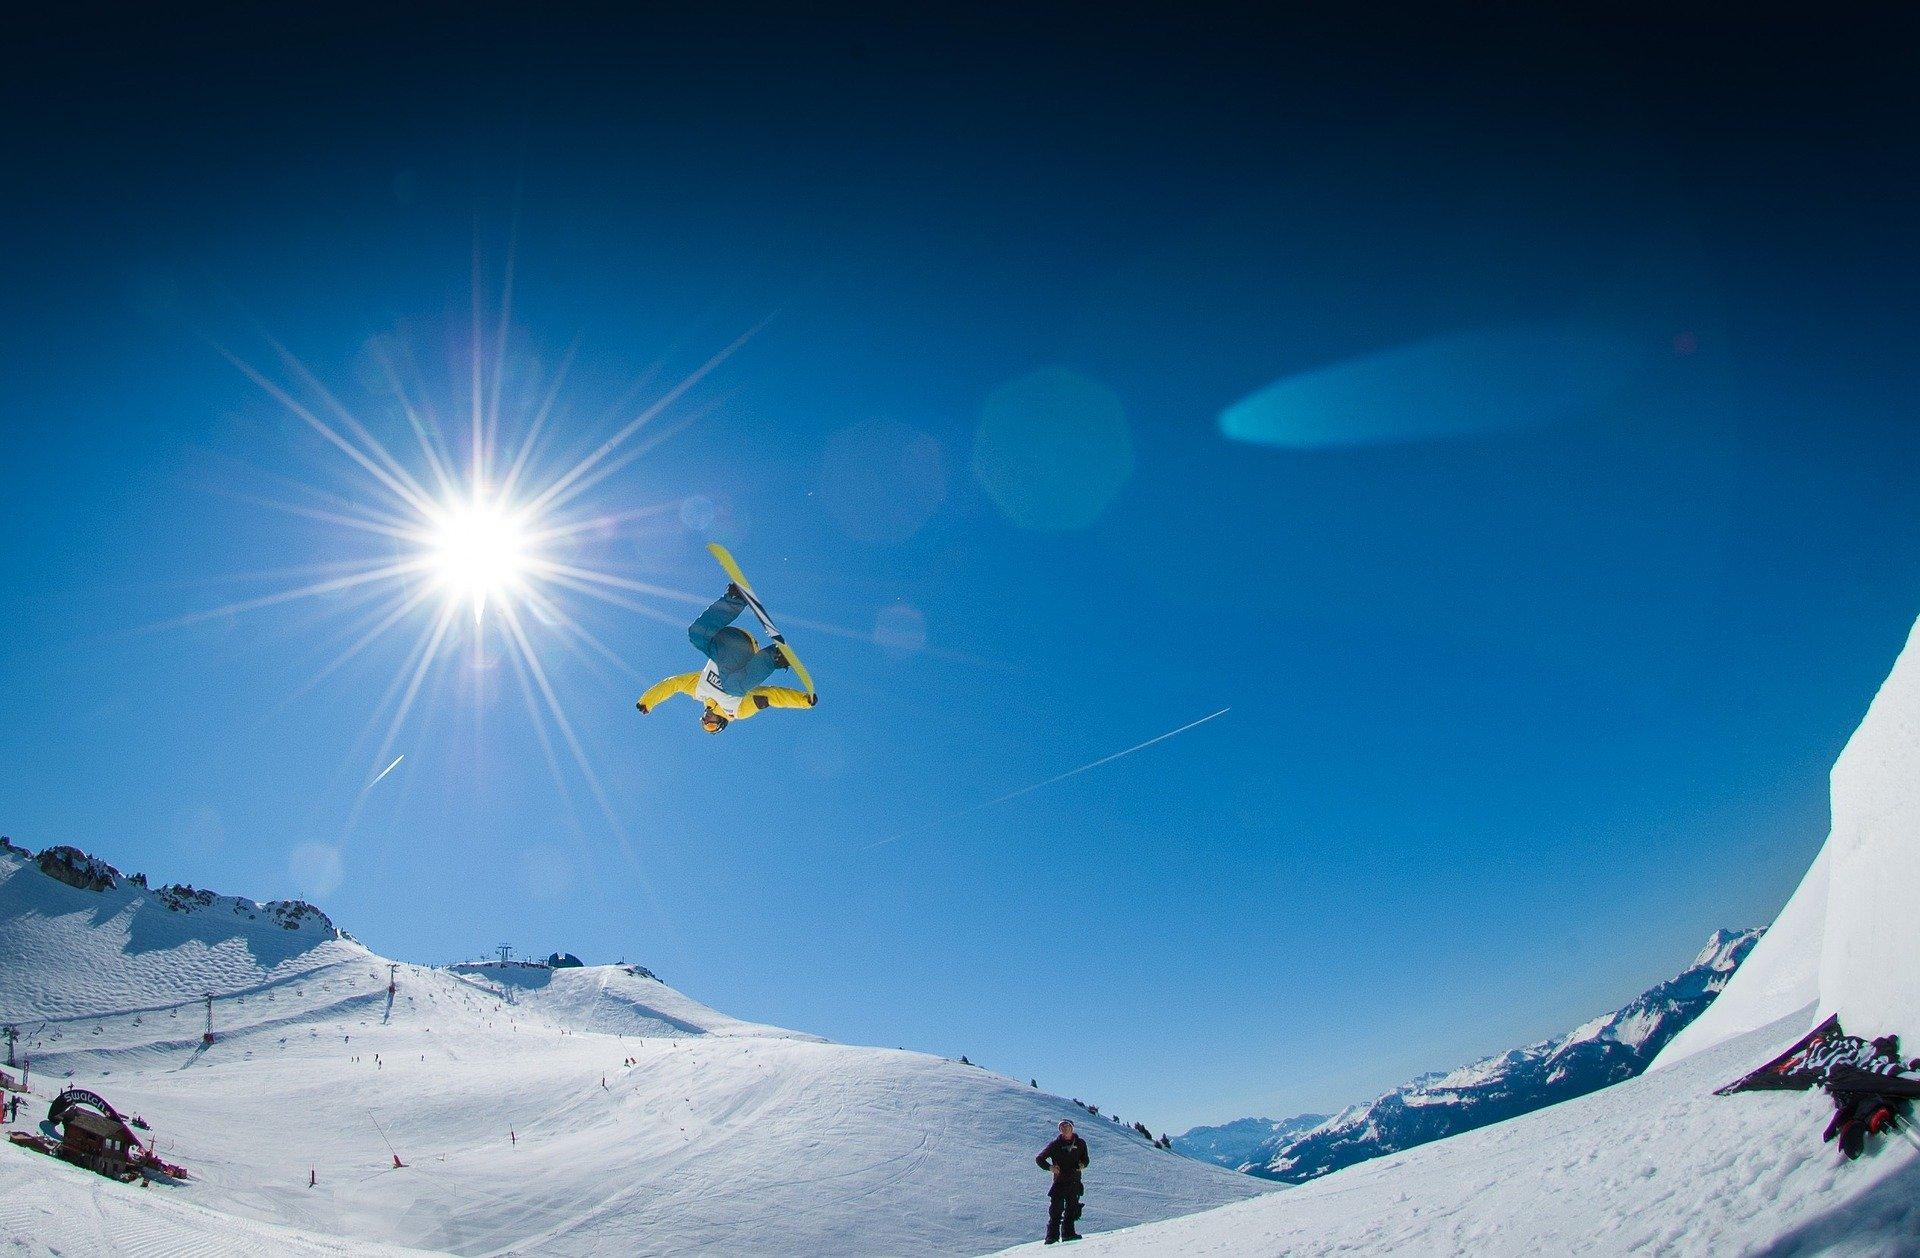 Grand Geneve en france voisine, sport d'hiver et ski